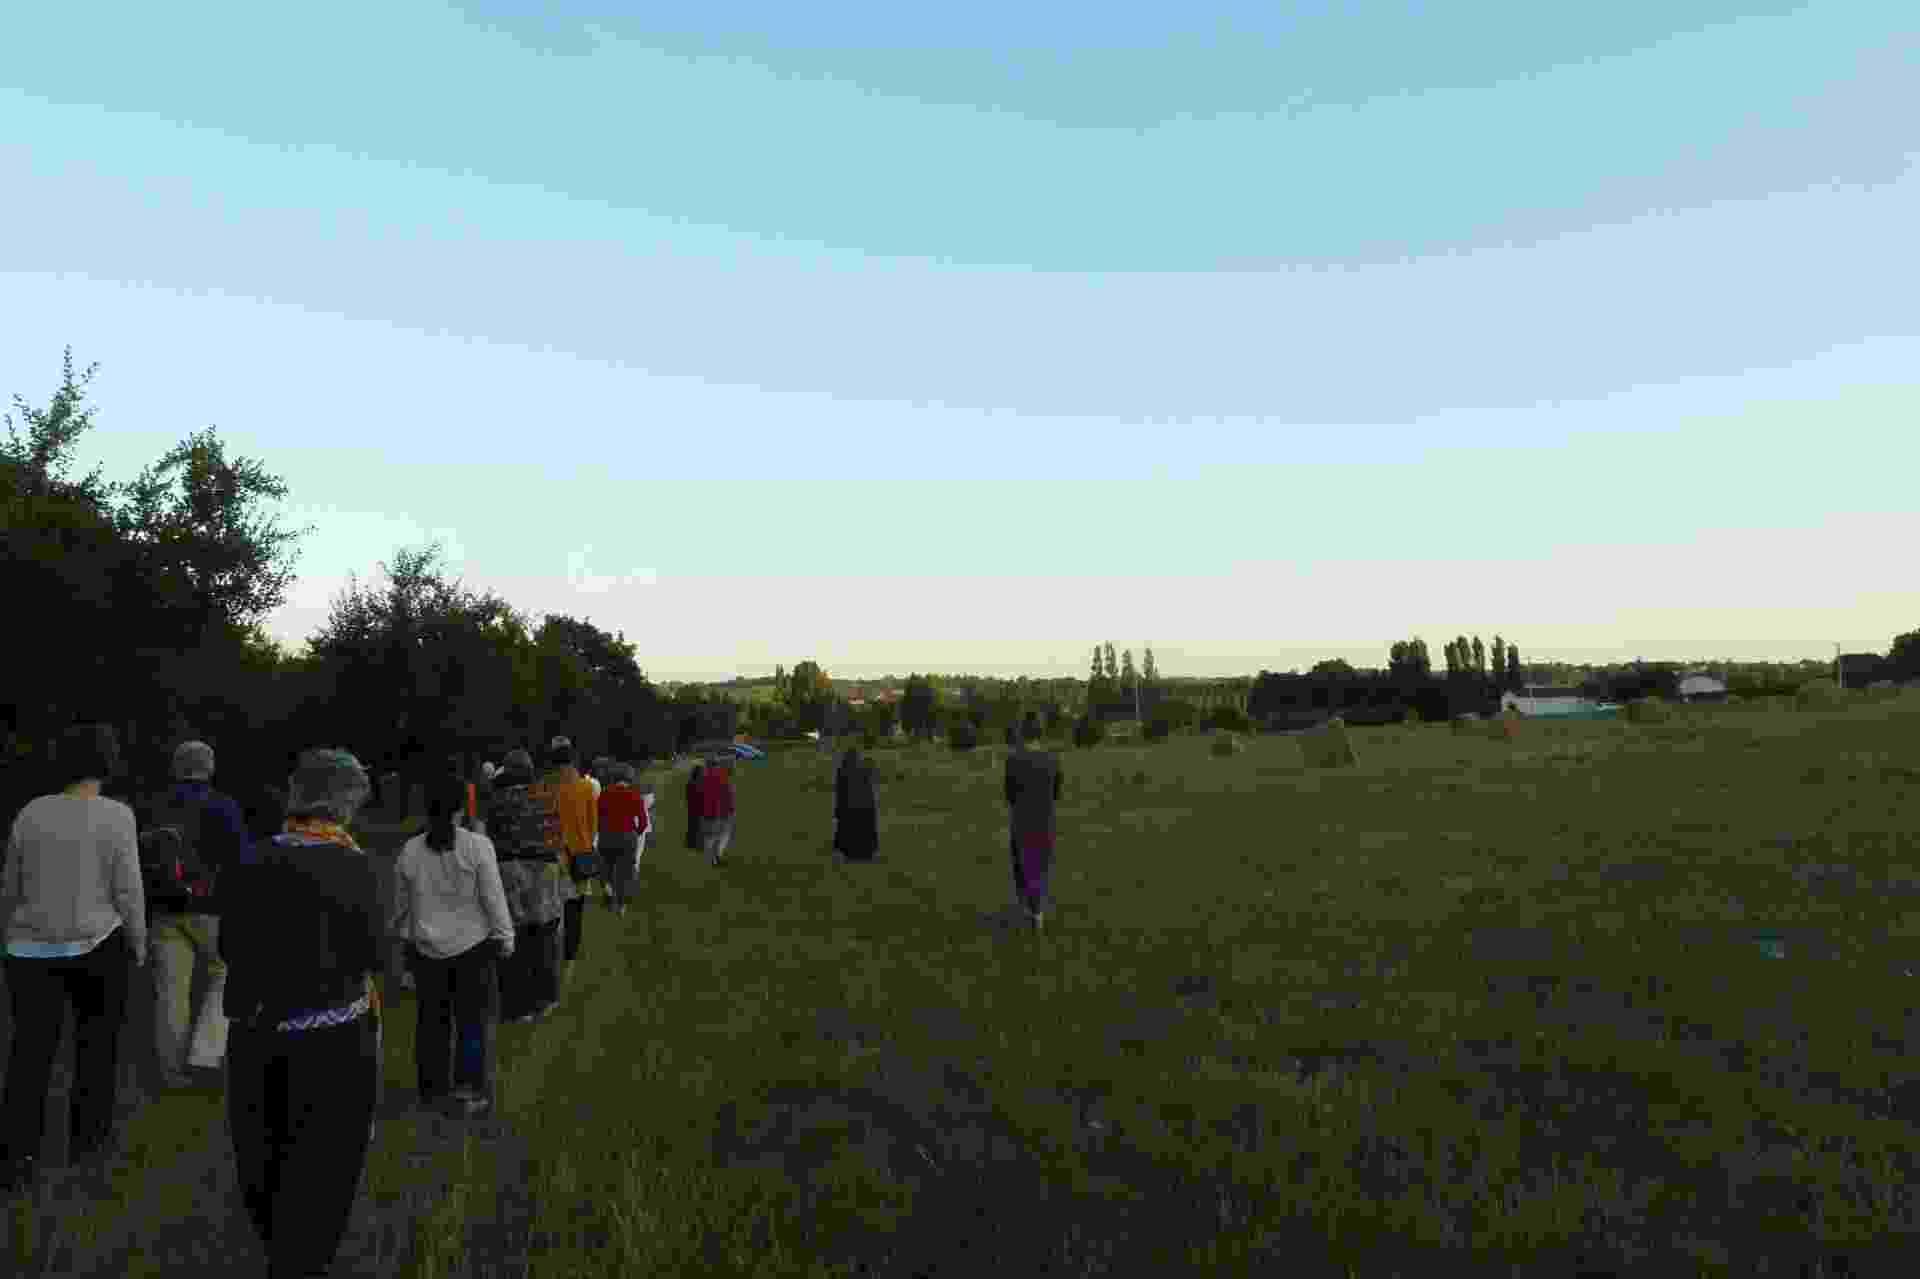 Participantes do retiro no Plum Village, na França, durante passeio meditativo - Arquivo pessoal